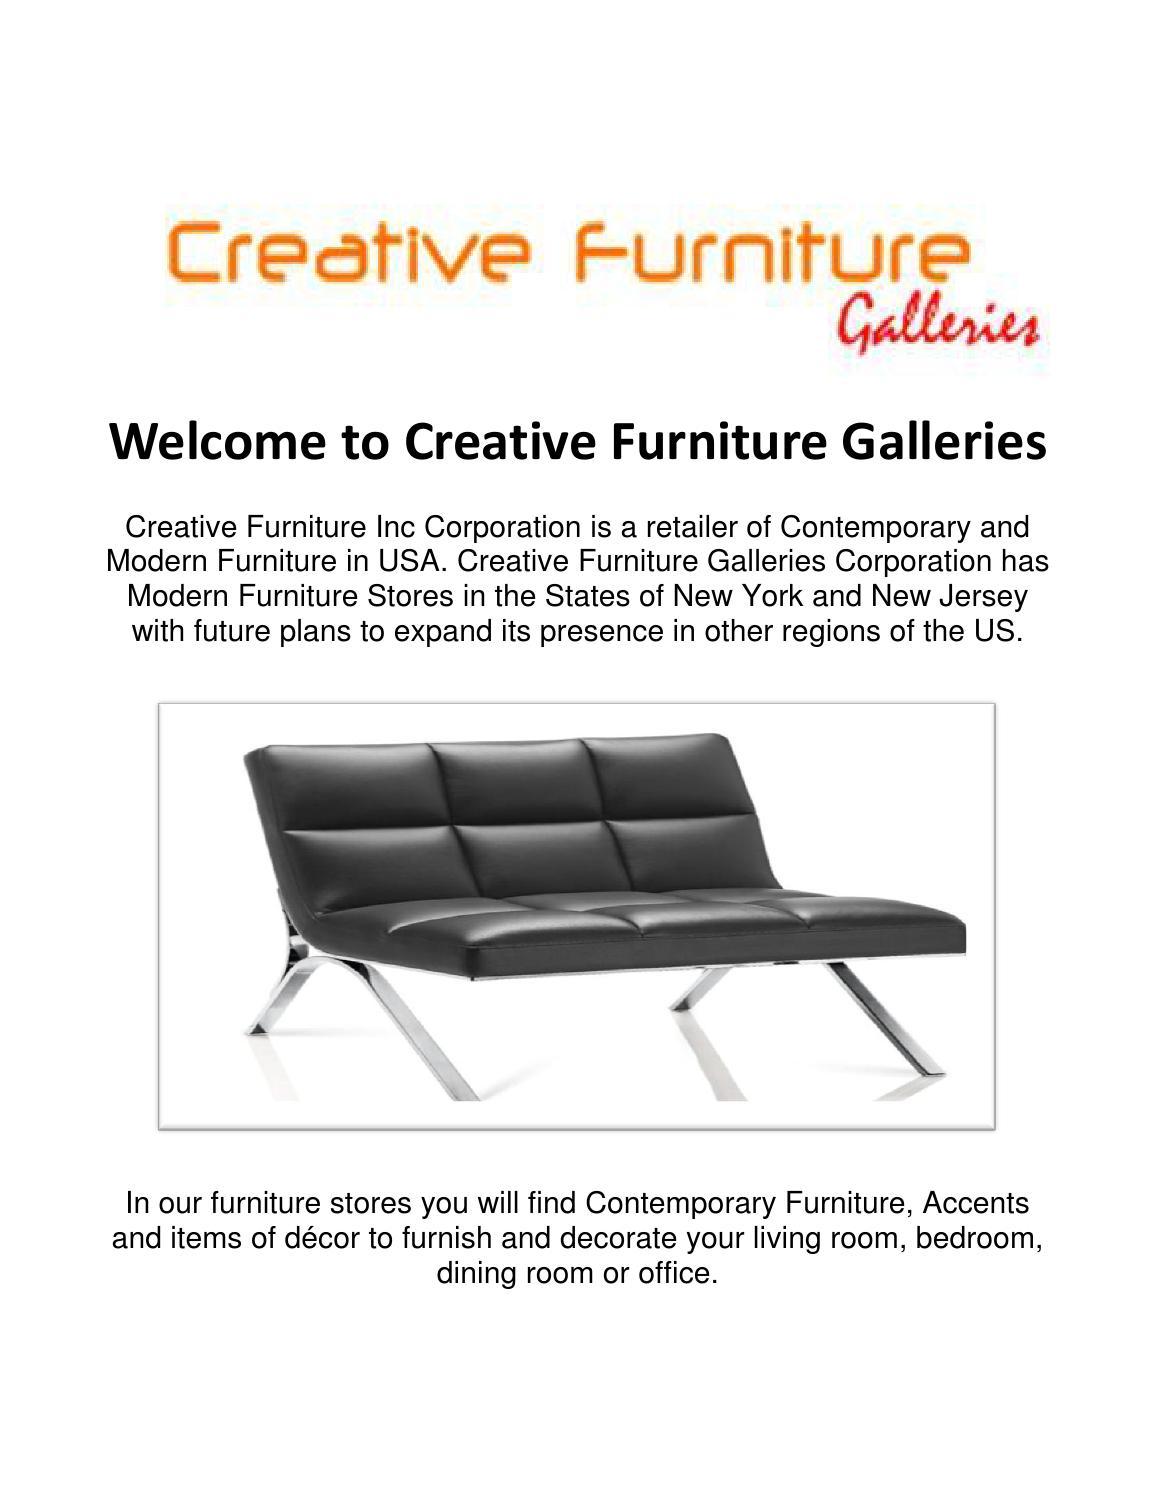 Creative Furniture Inc By Creative Furniture Inc   Issuu